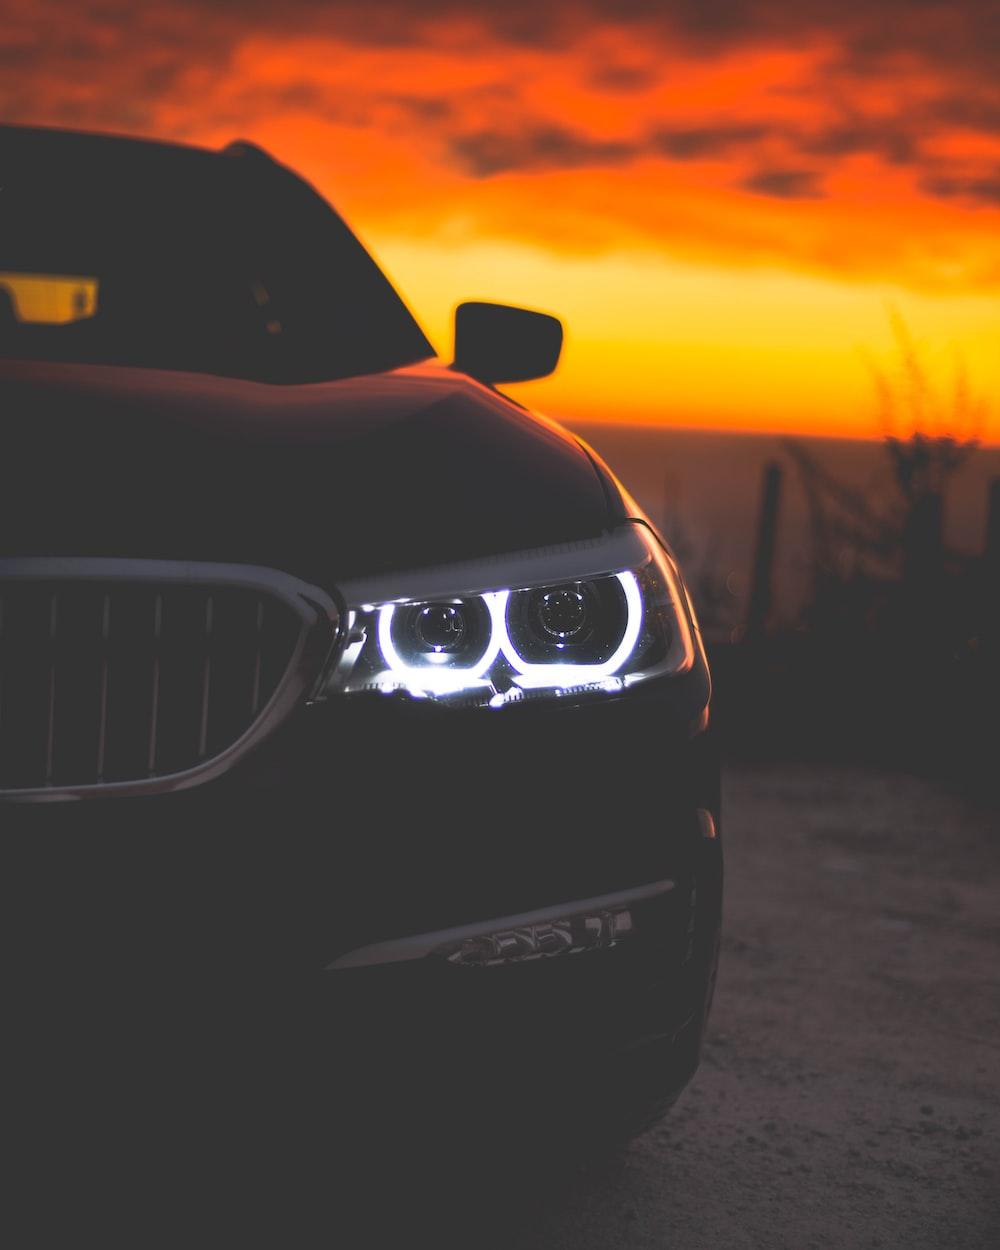 black car during sunset